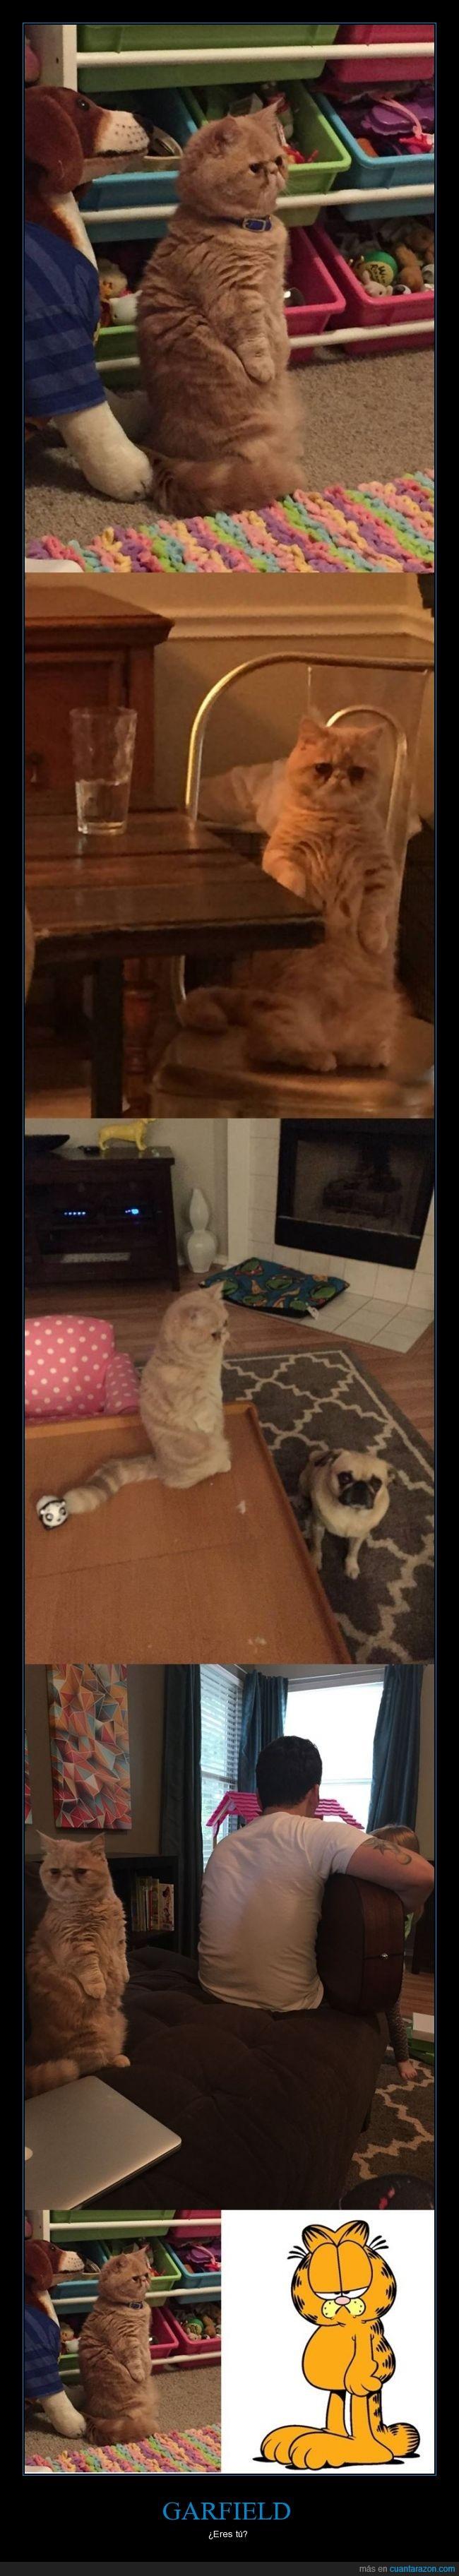 de pie,garfield,gato,george el gato que se cree persona